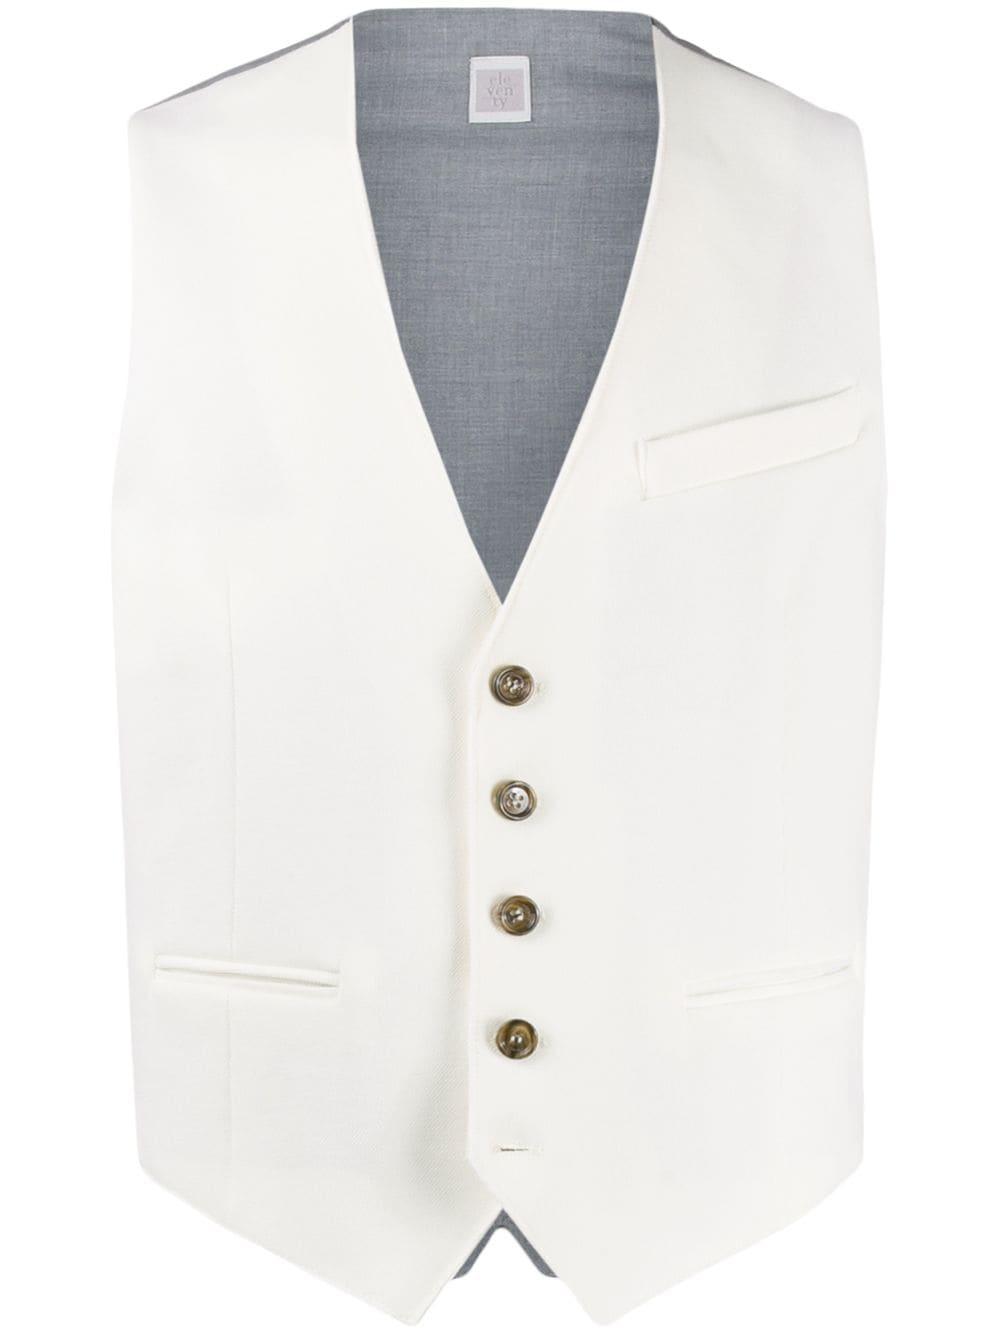 gilet bianco in cotone con bottoni dorati ELEVENTY | Gilet | A70GILA01-TES0A21101